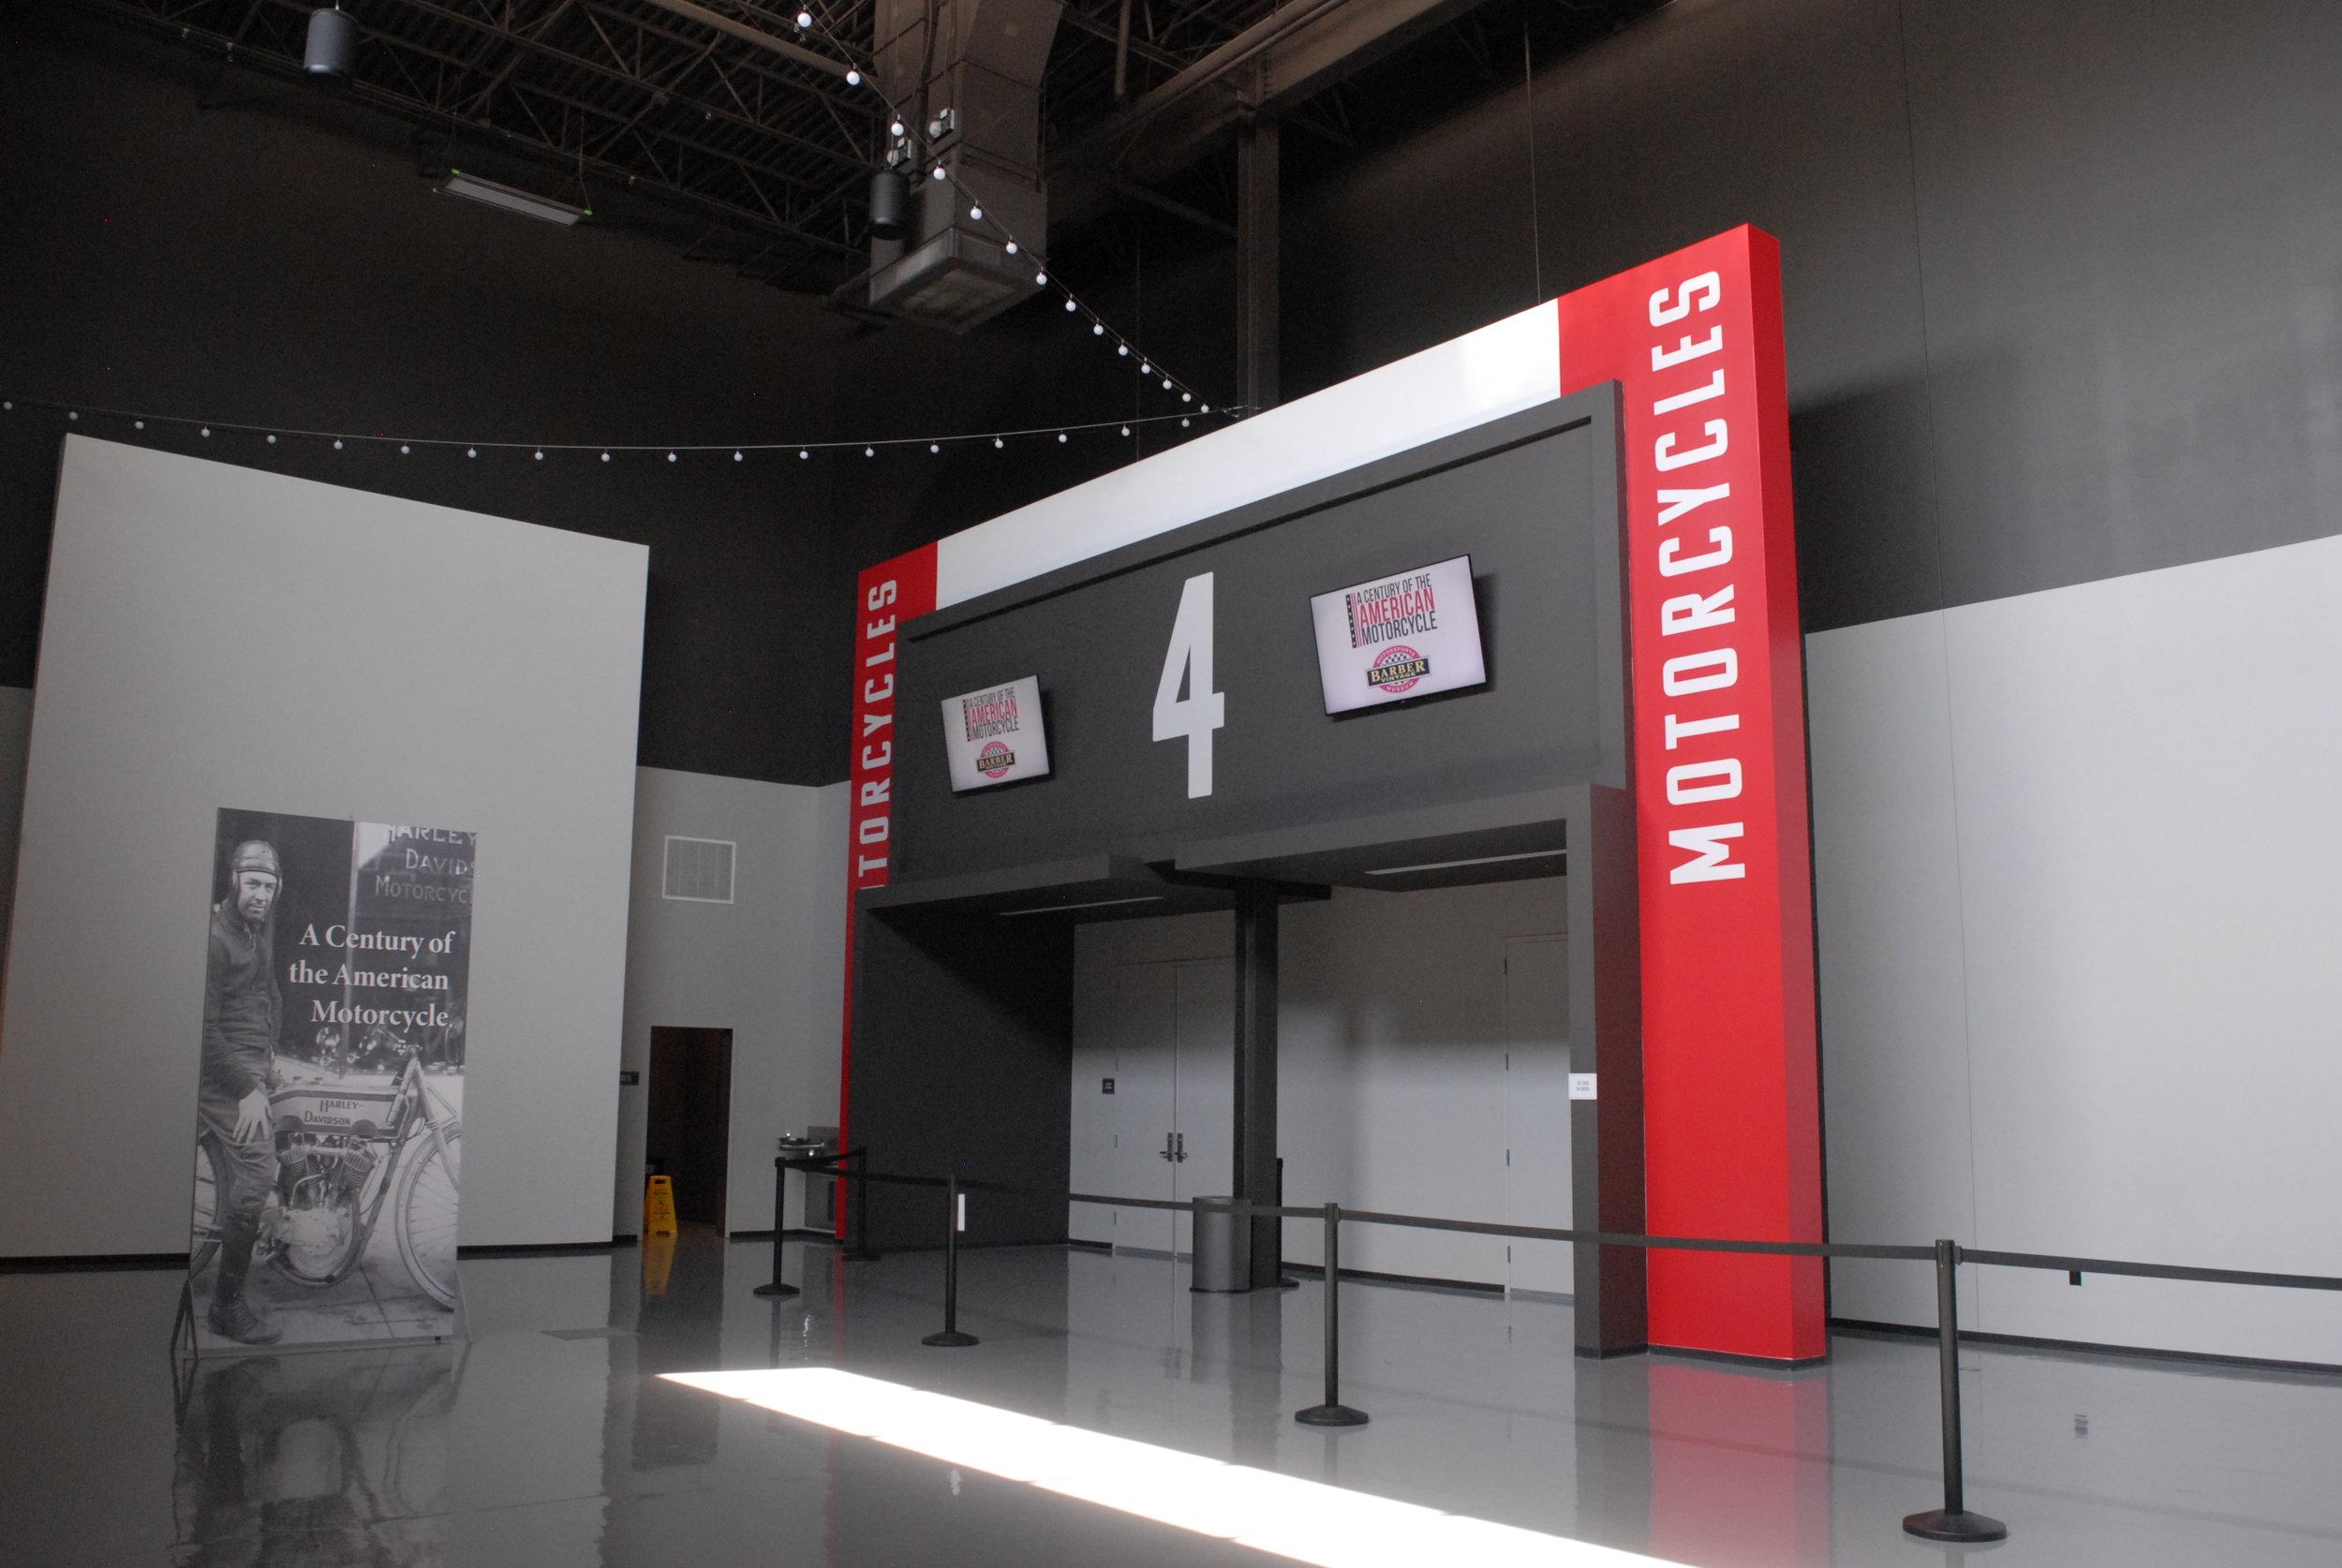 Graceland_Graceland-Exhibition-Center_Exhibit-Entrances_LSIGraphics_Memphis-TN-4 ..